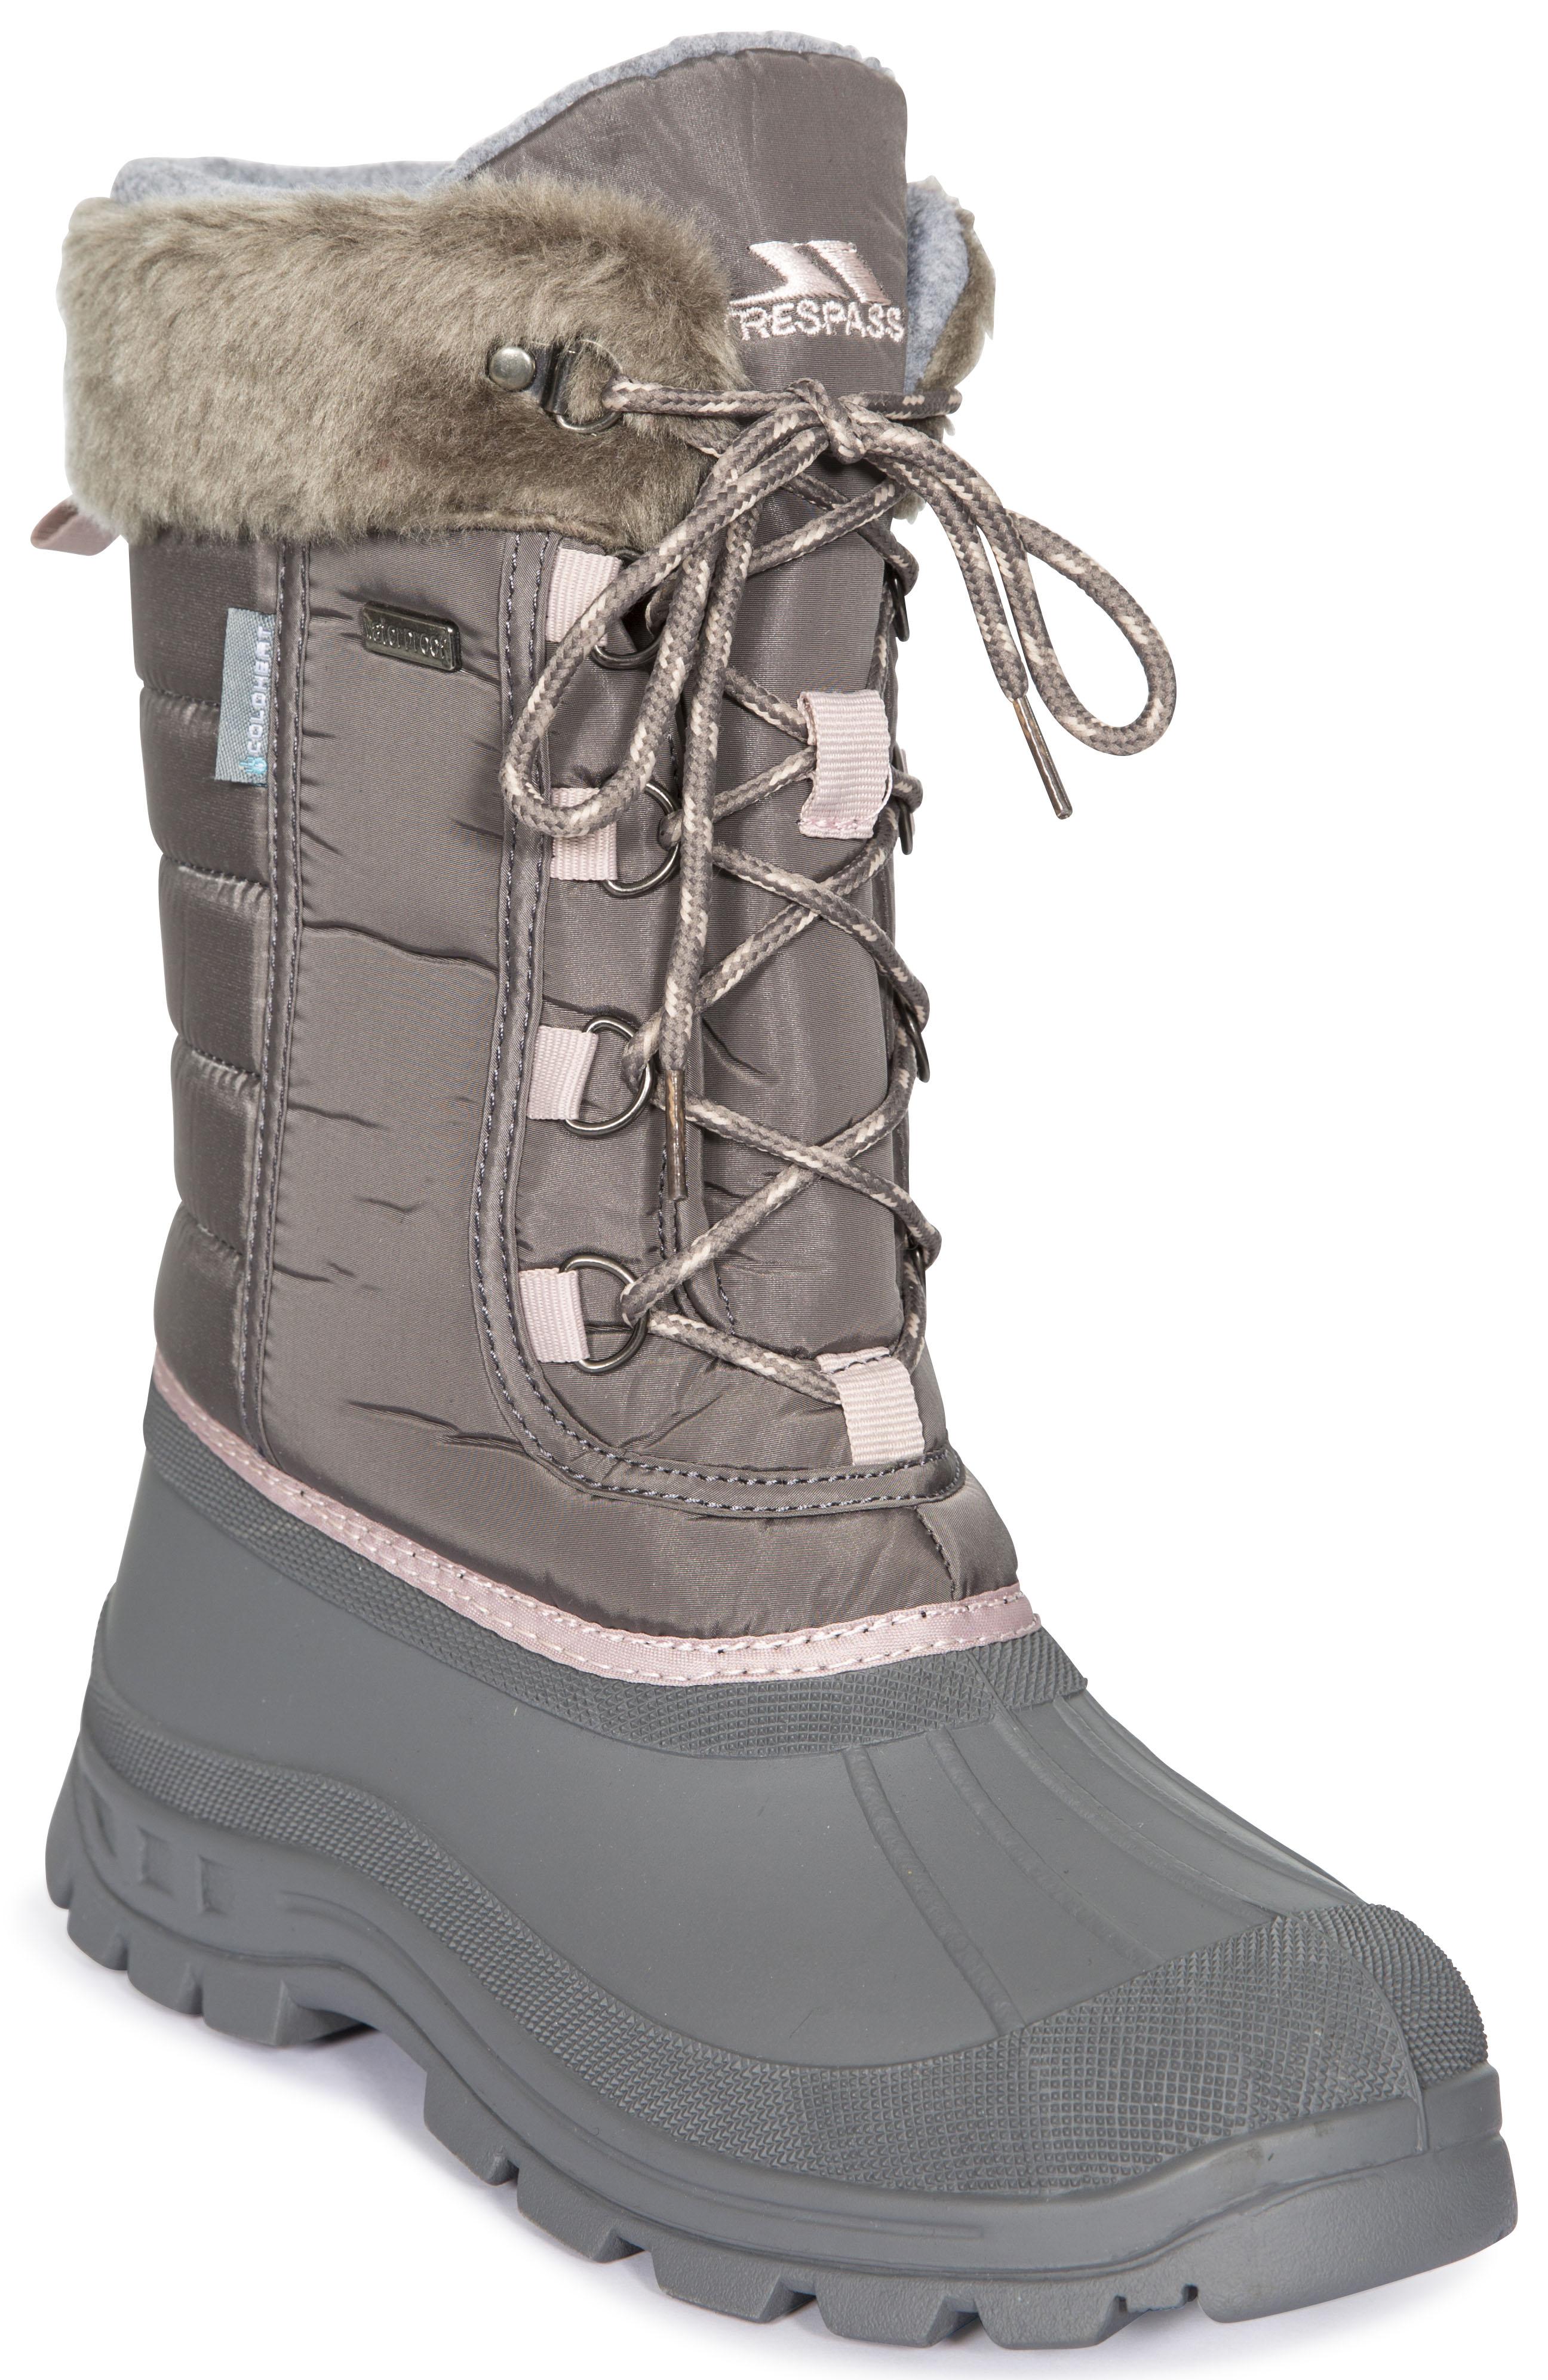 Buy Trespass - Winter Boot Stavra II Women